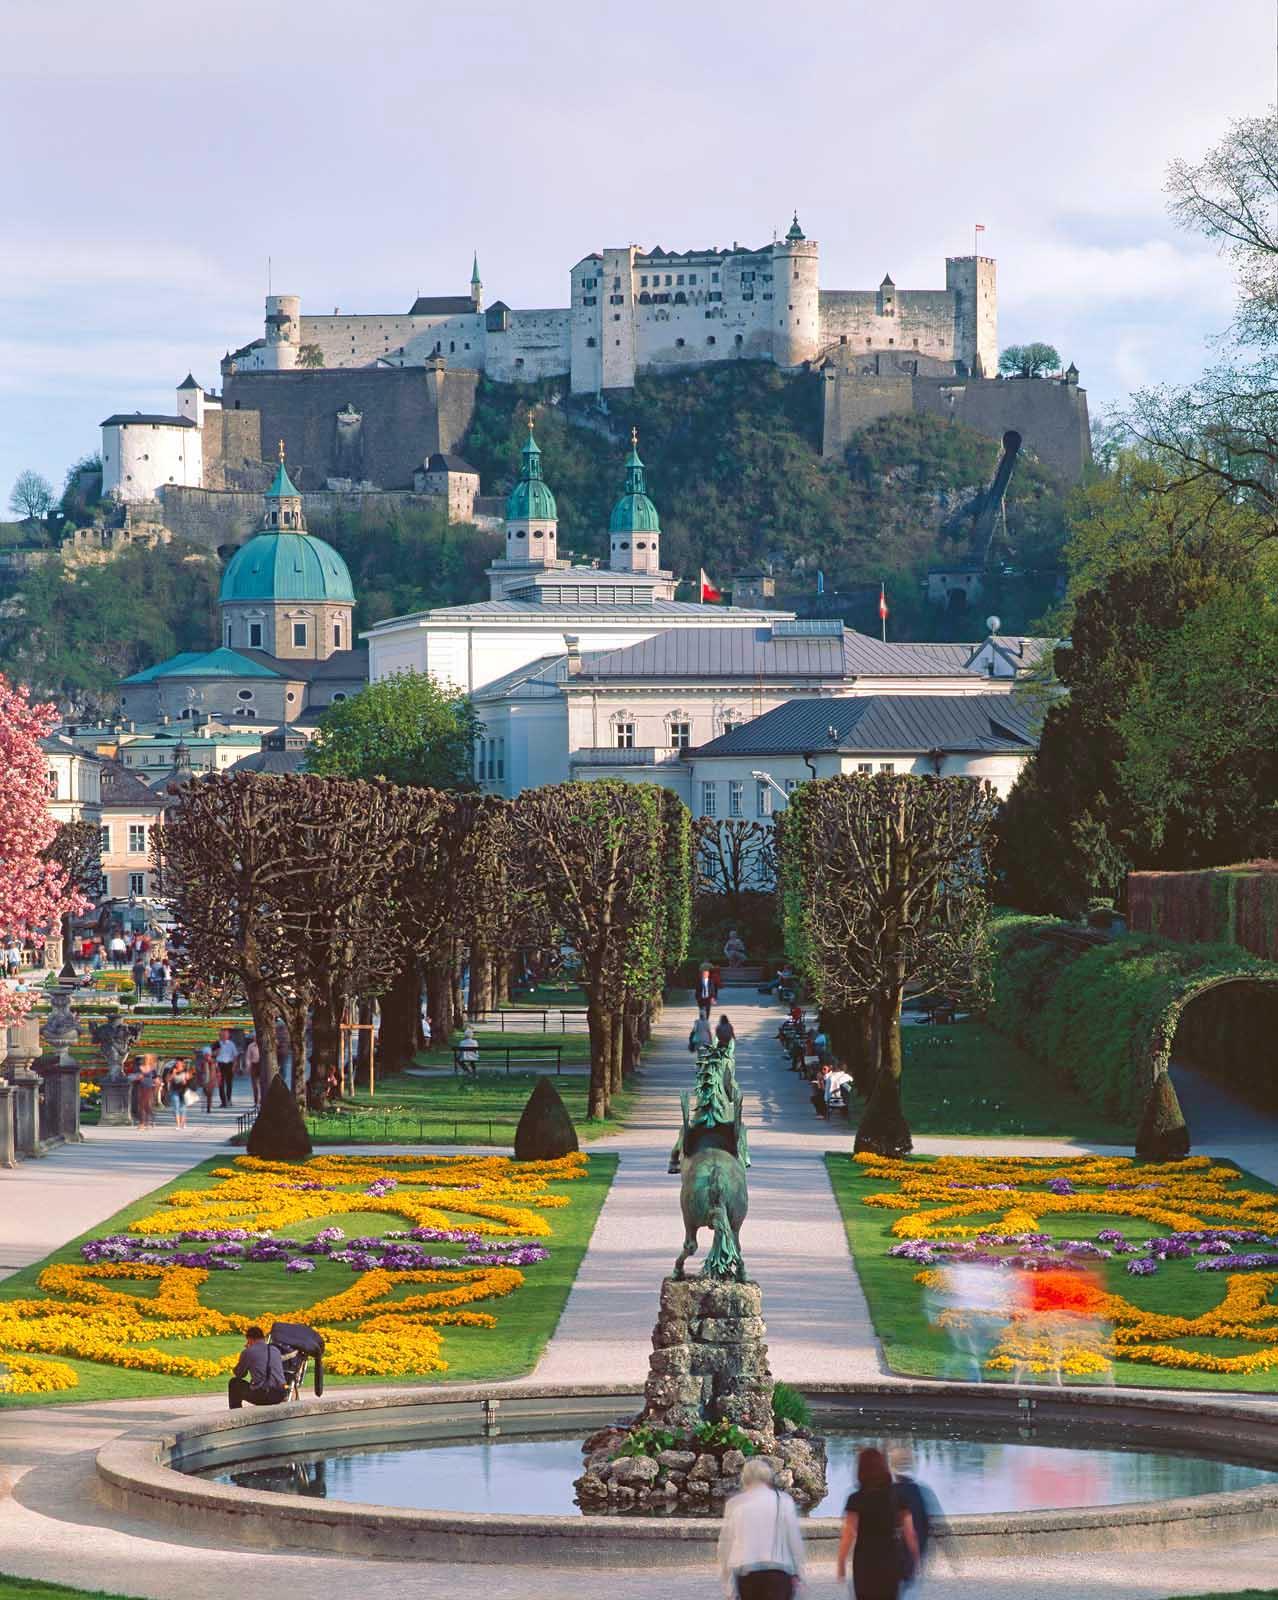 Mirabell Gardens in Salzburg, Austria.